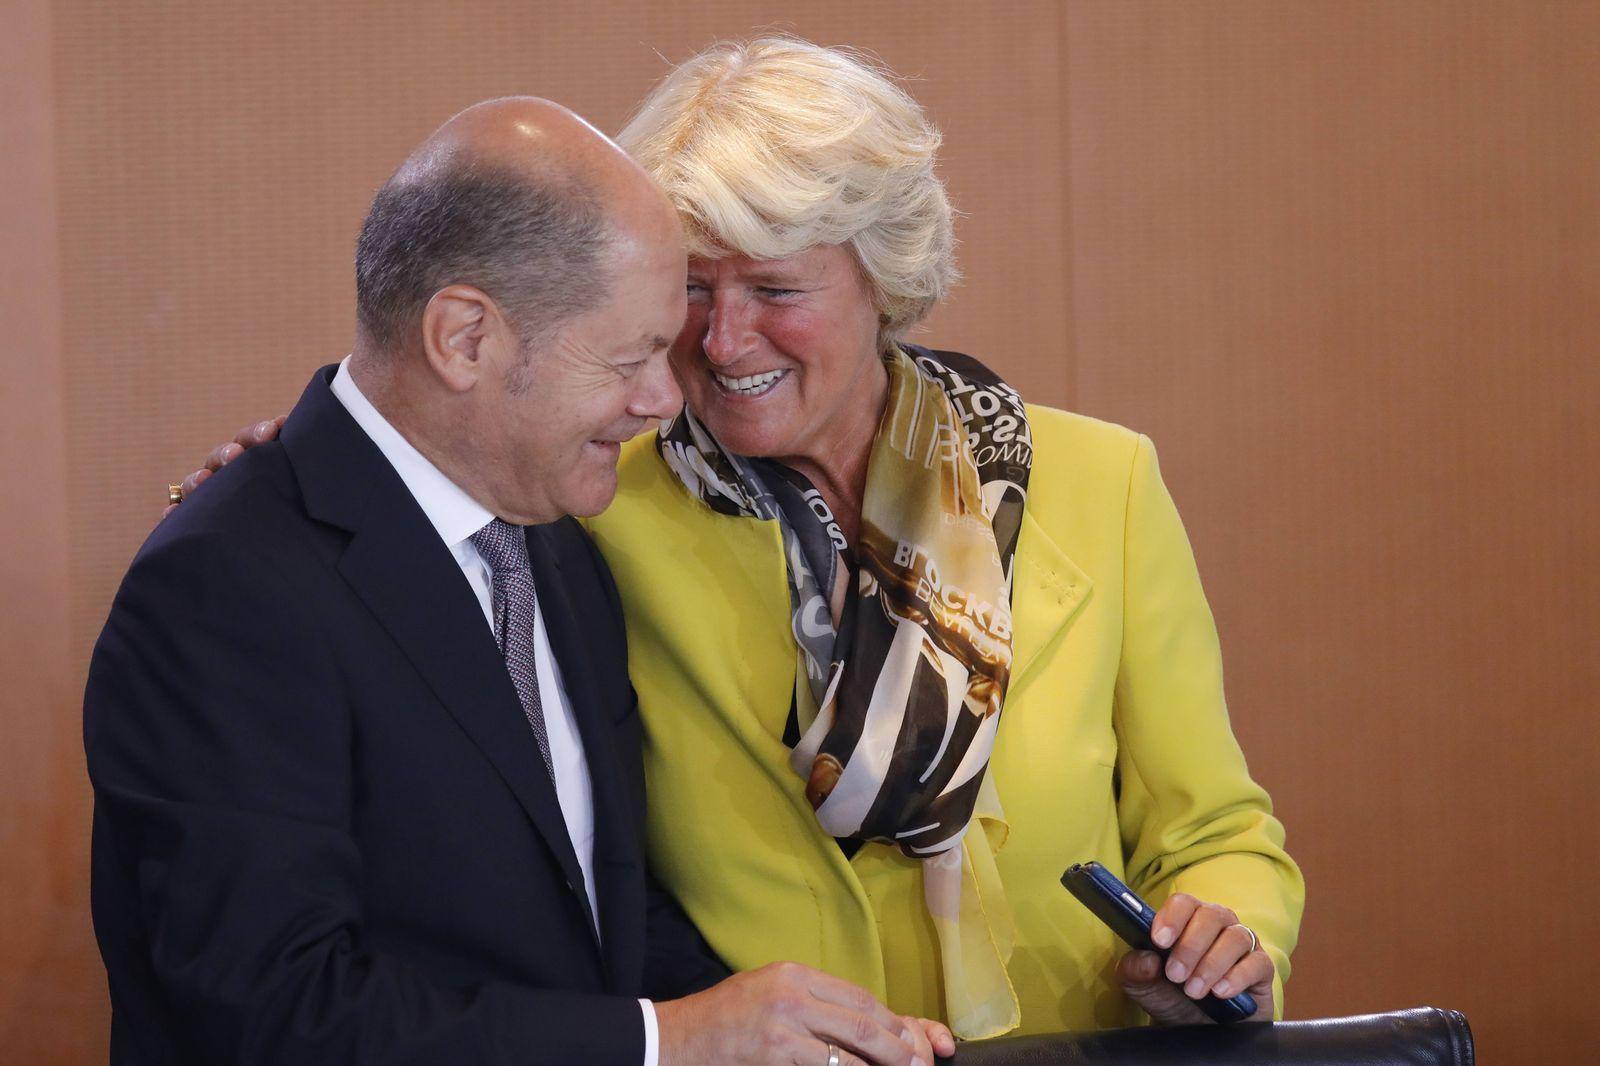 Olaf Scholz Bundesminister der Finanzen Monika Gr¸tters Staatsministerin f¸r Kultur und Medien